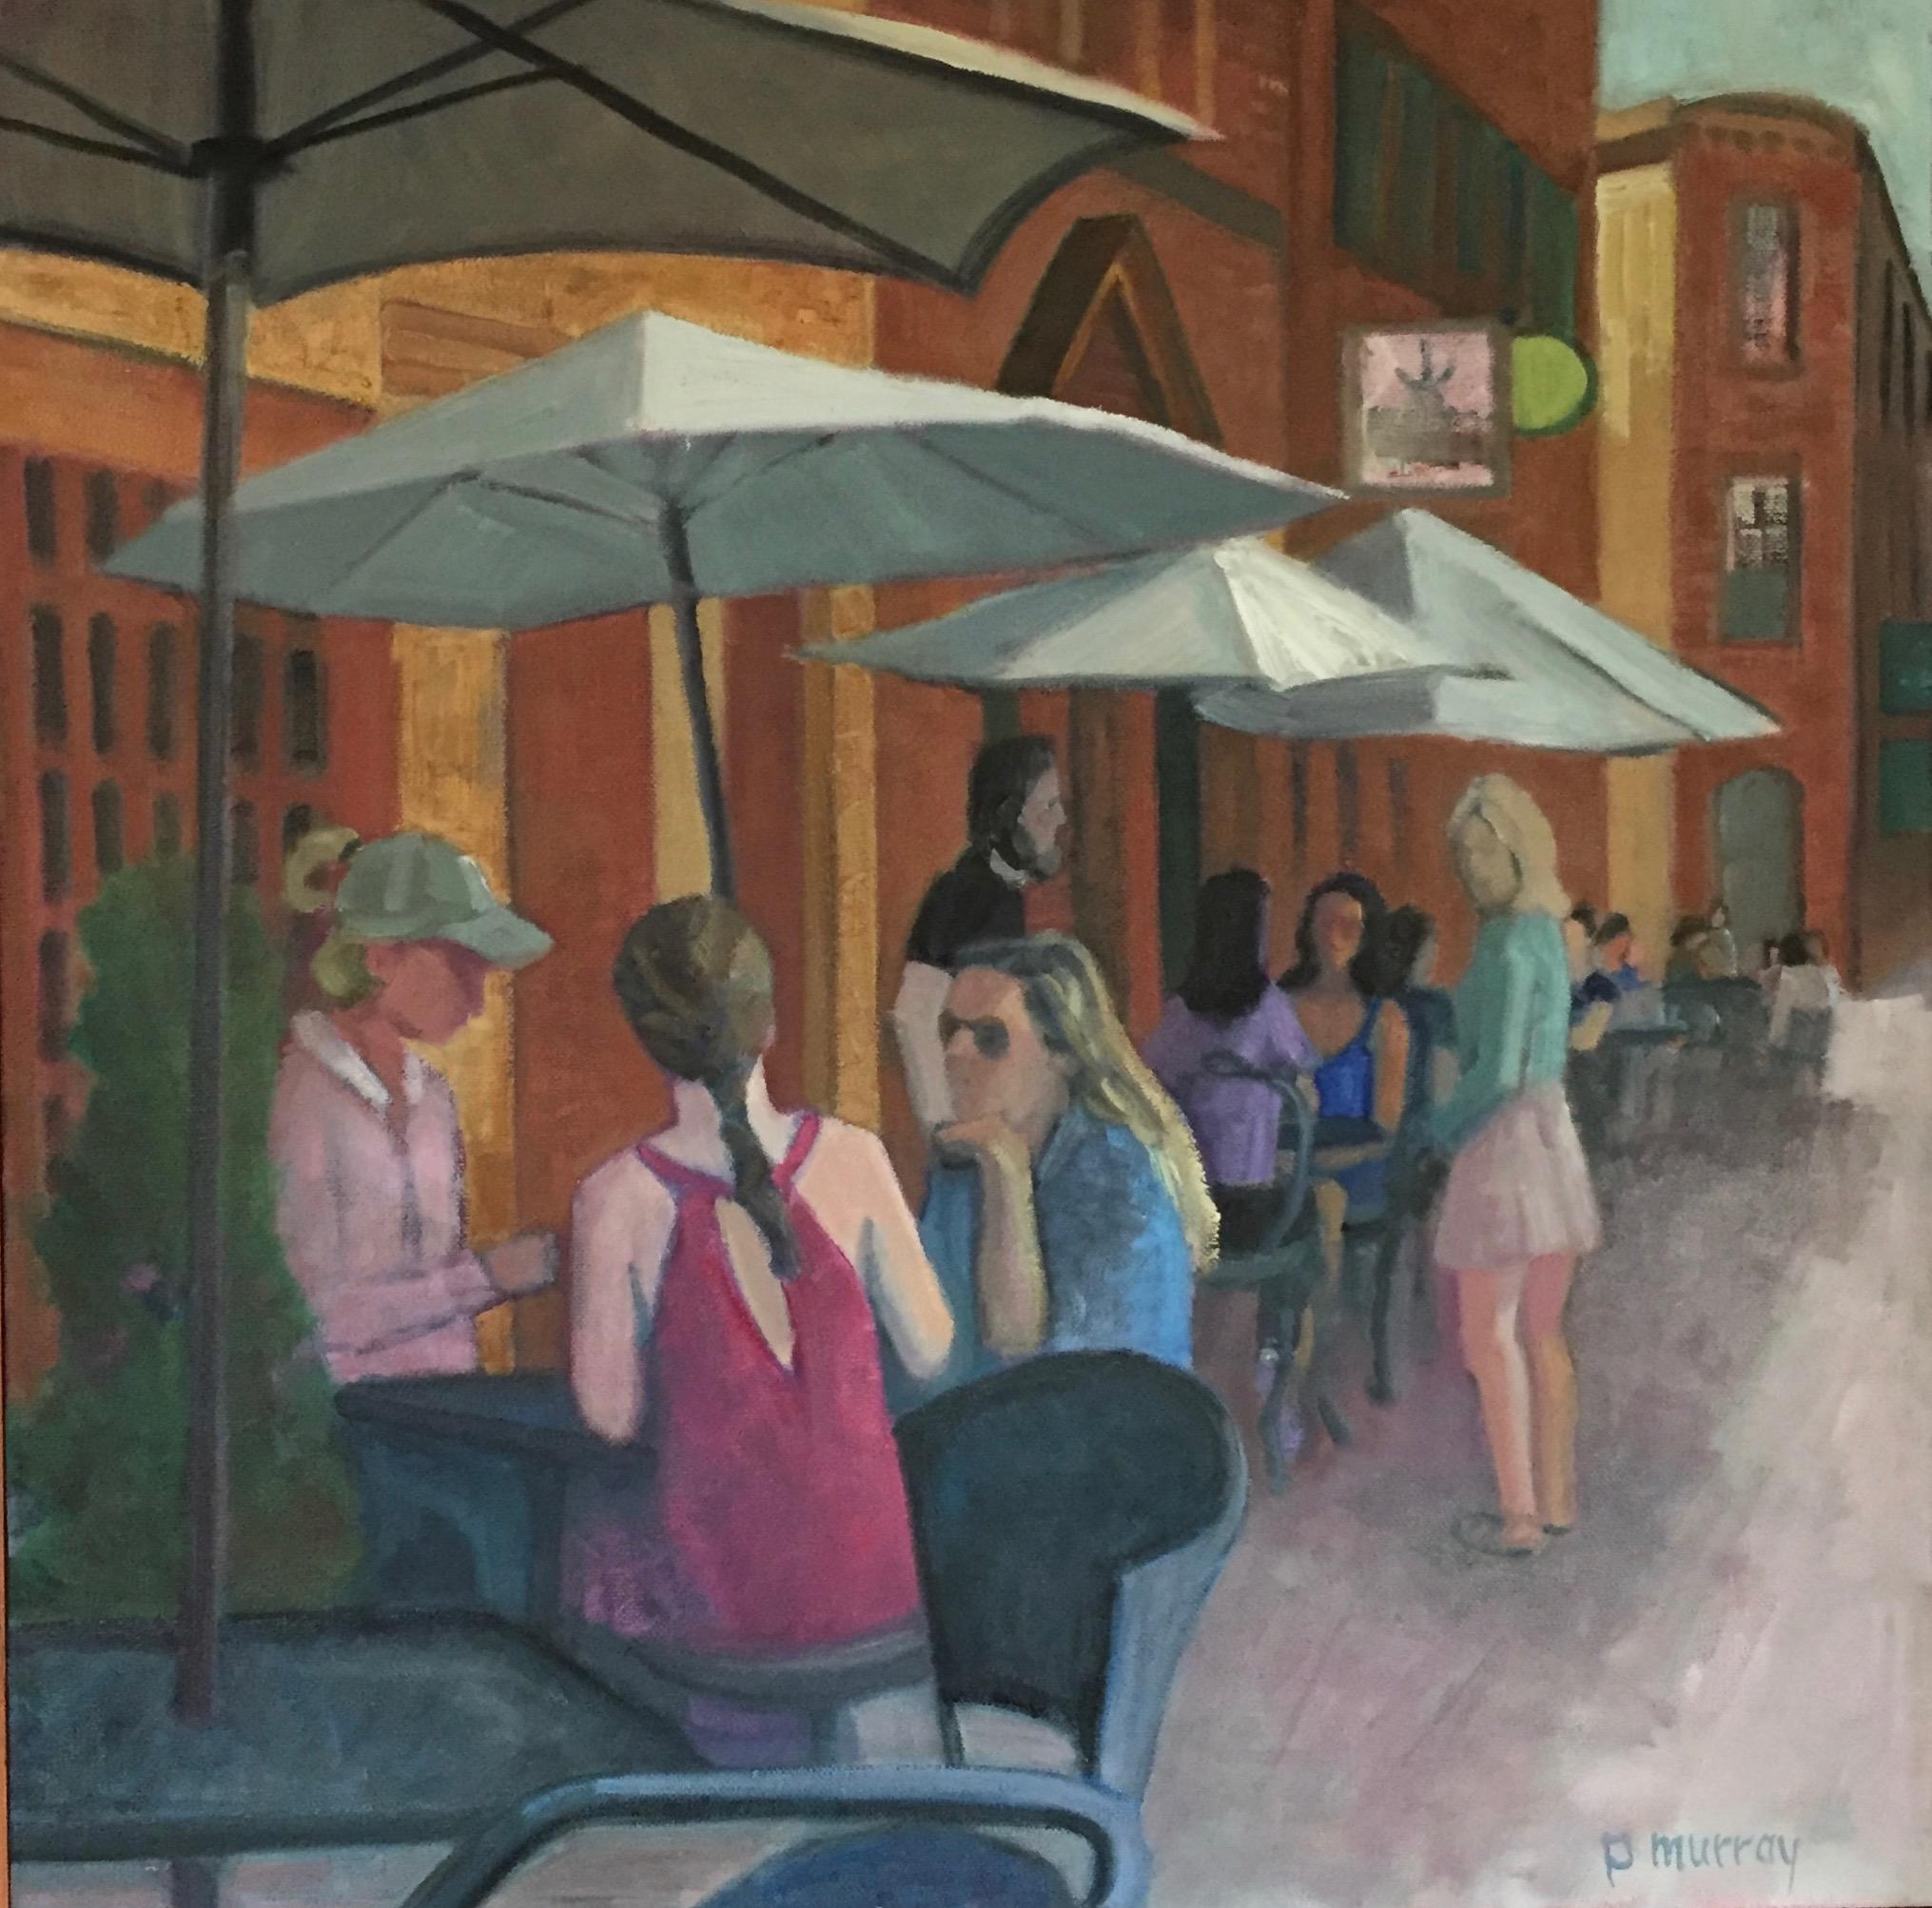 Outdoor Dining in Newburyport